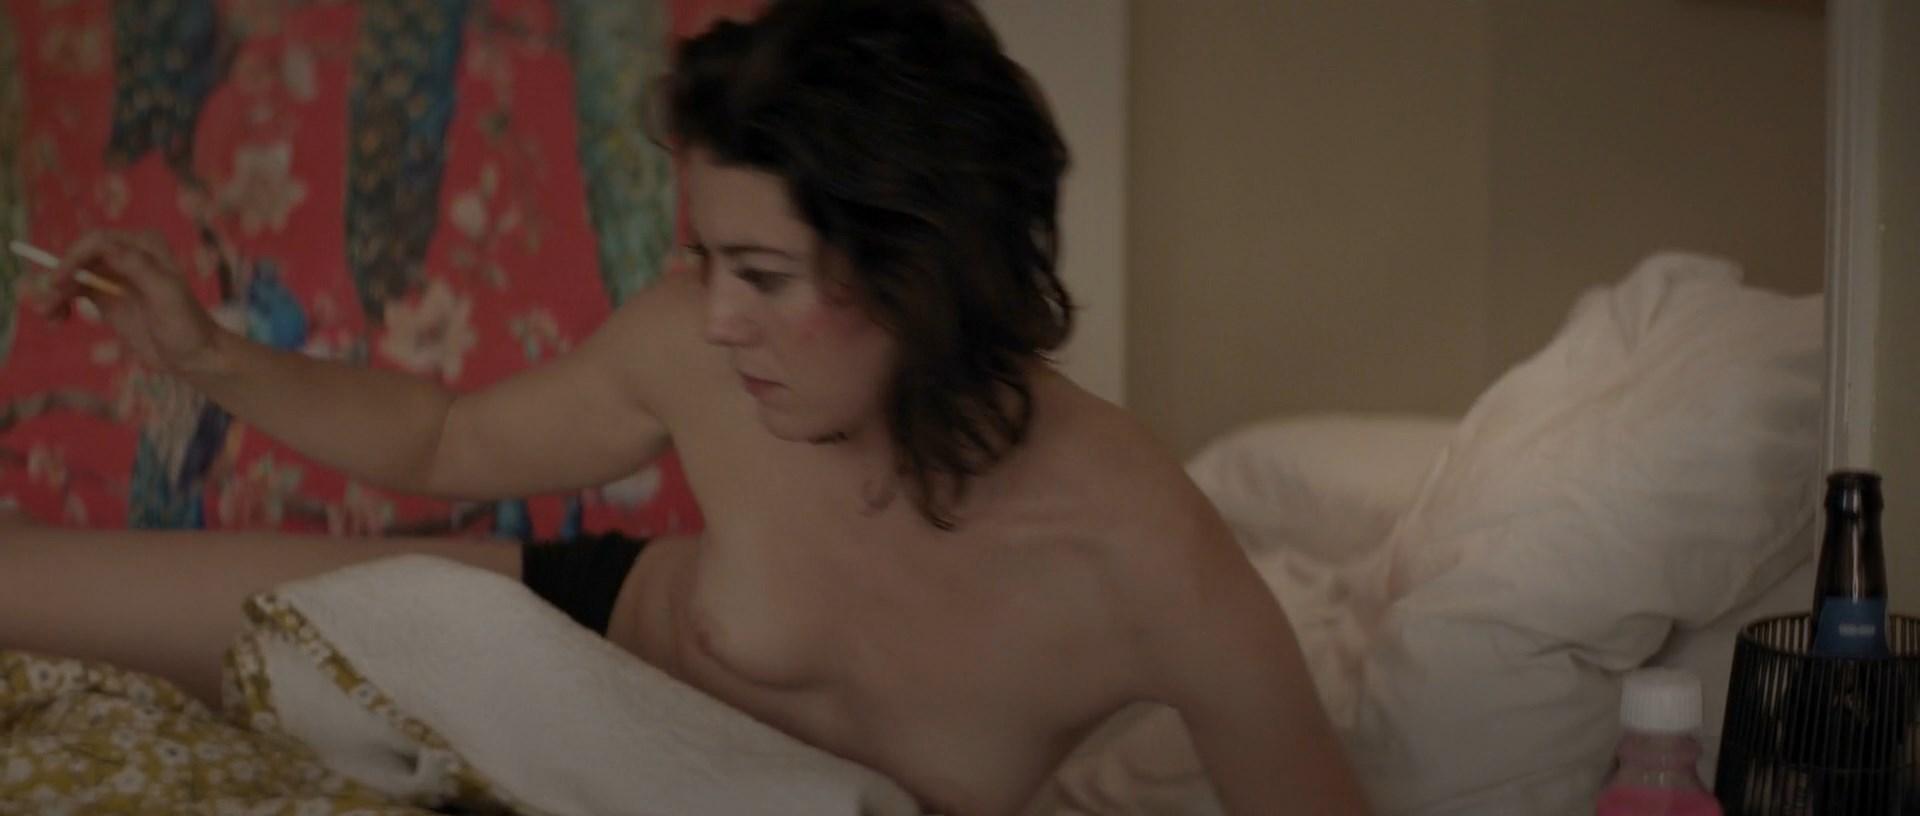 nude mary elizabeth pics